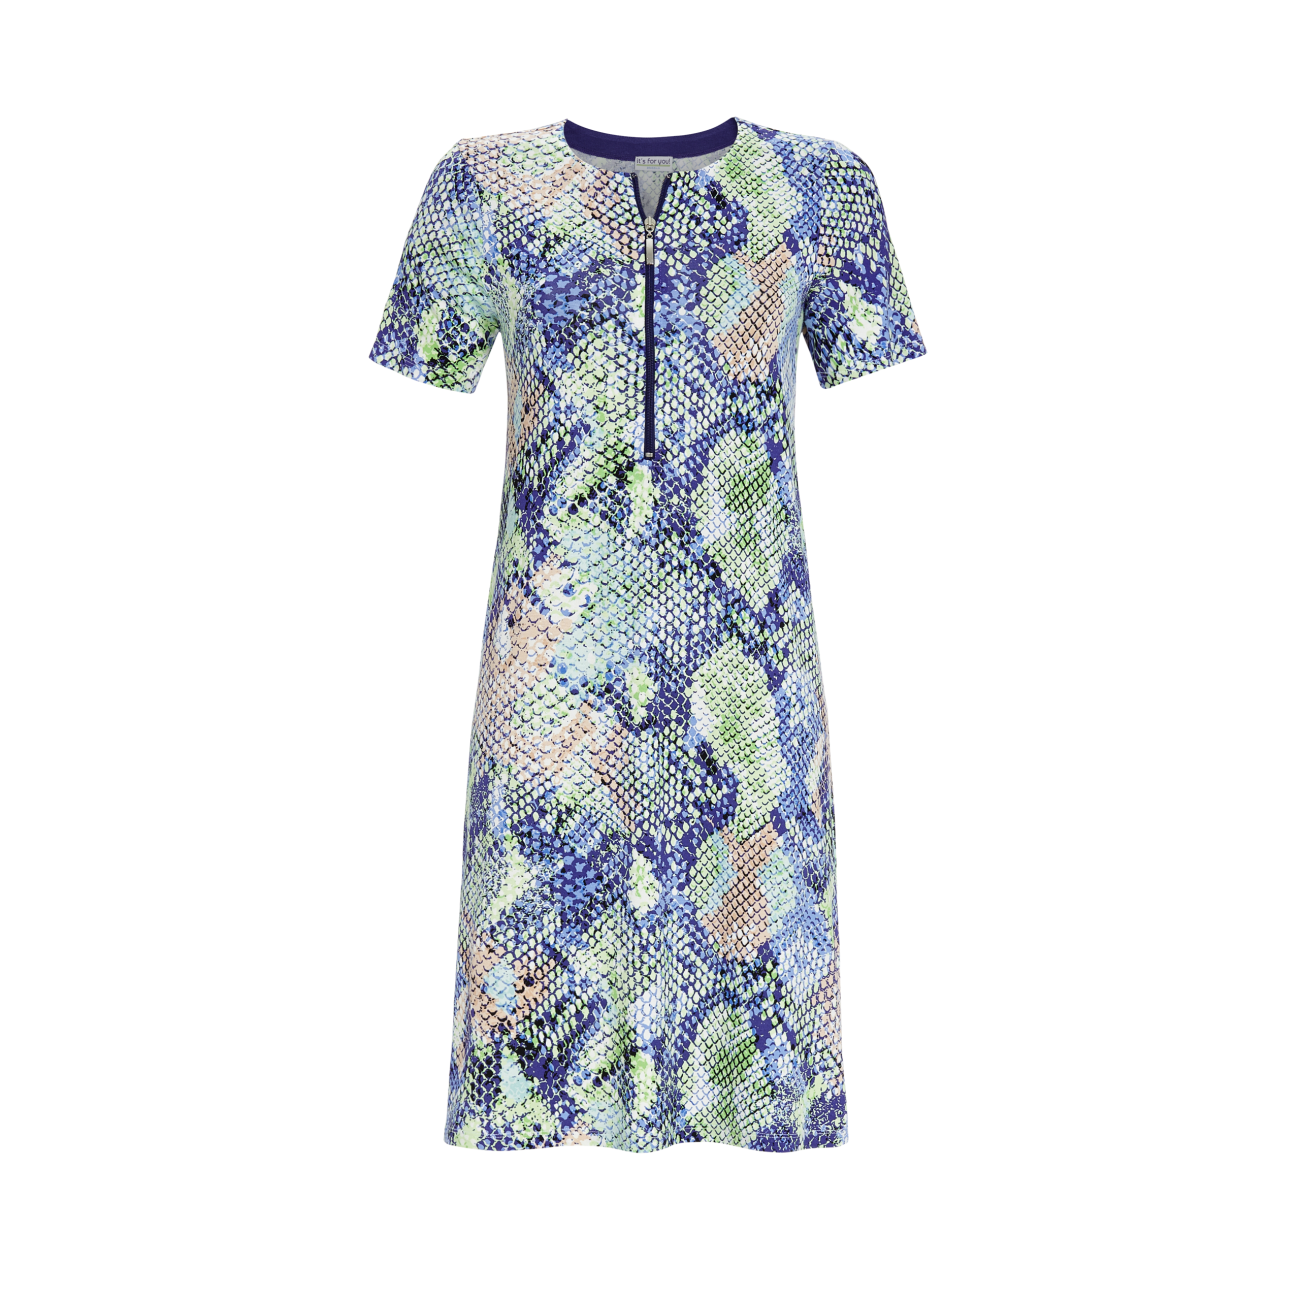 Kleid mit Reptilienprint bunt | 38